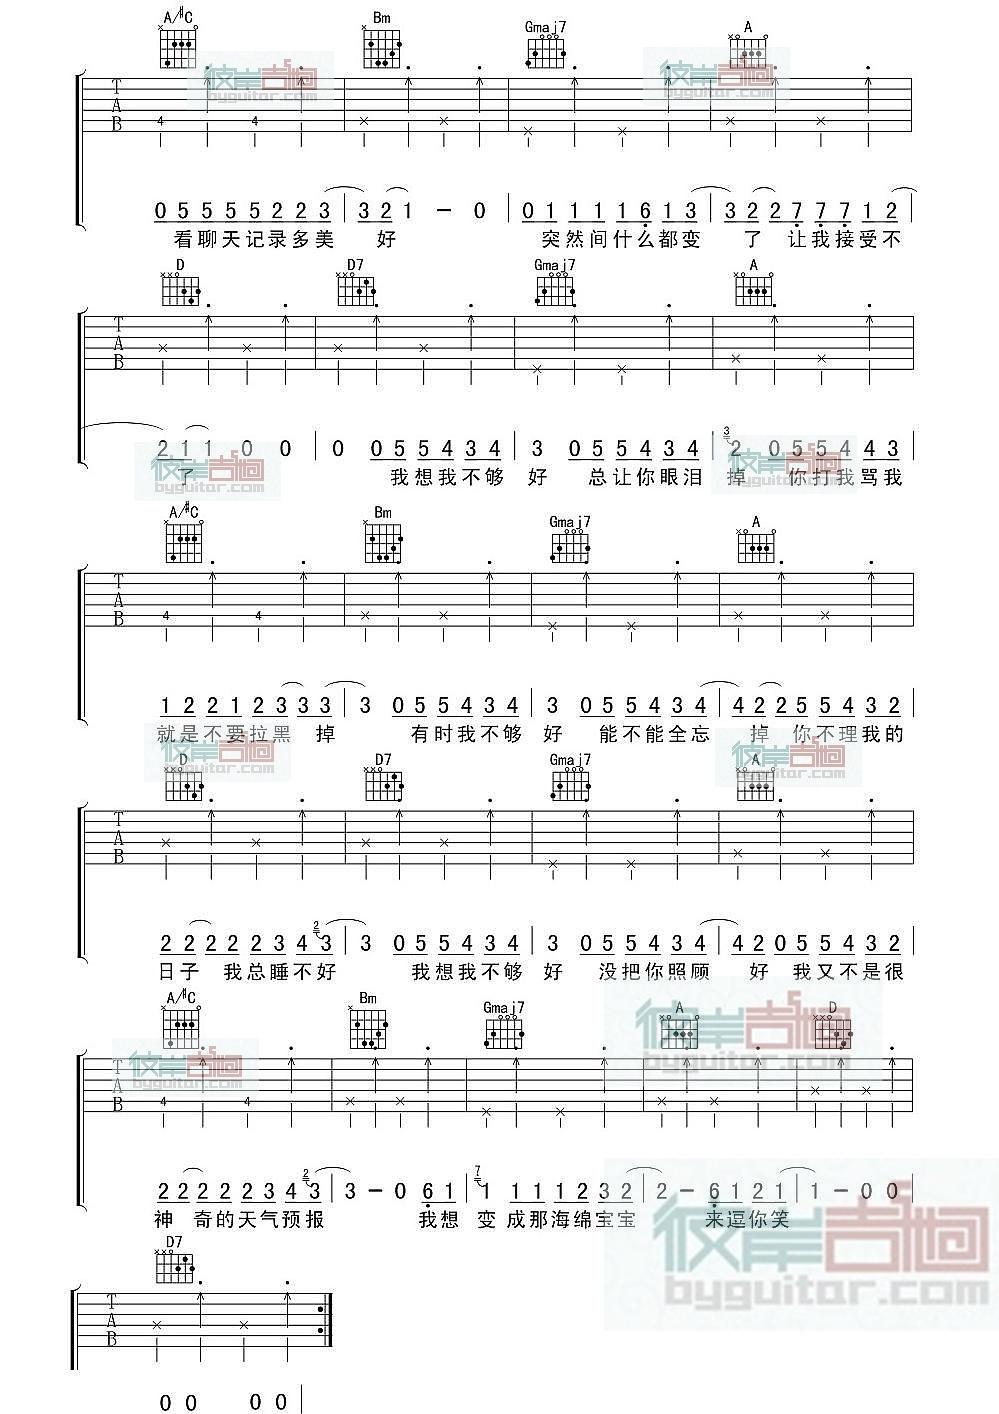 我想我不够好的吉他谱 单色凌 彼岸吉他中国第一吉他网络杂志